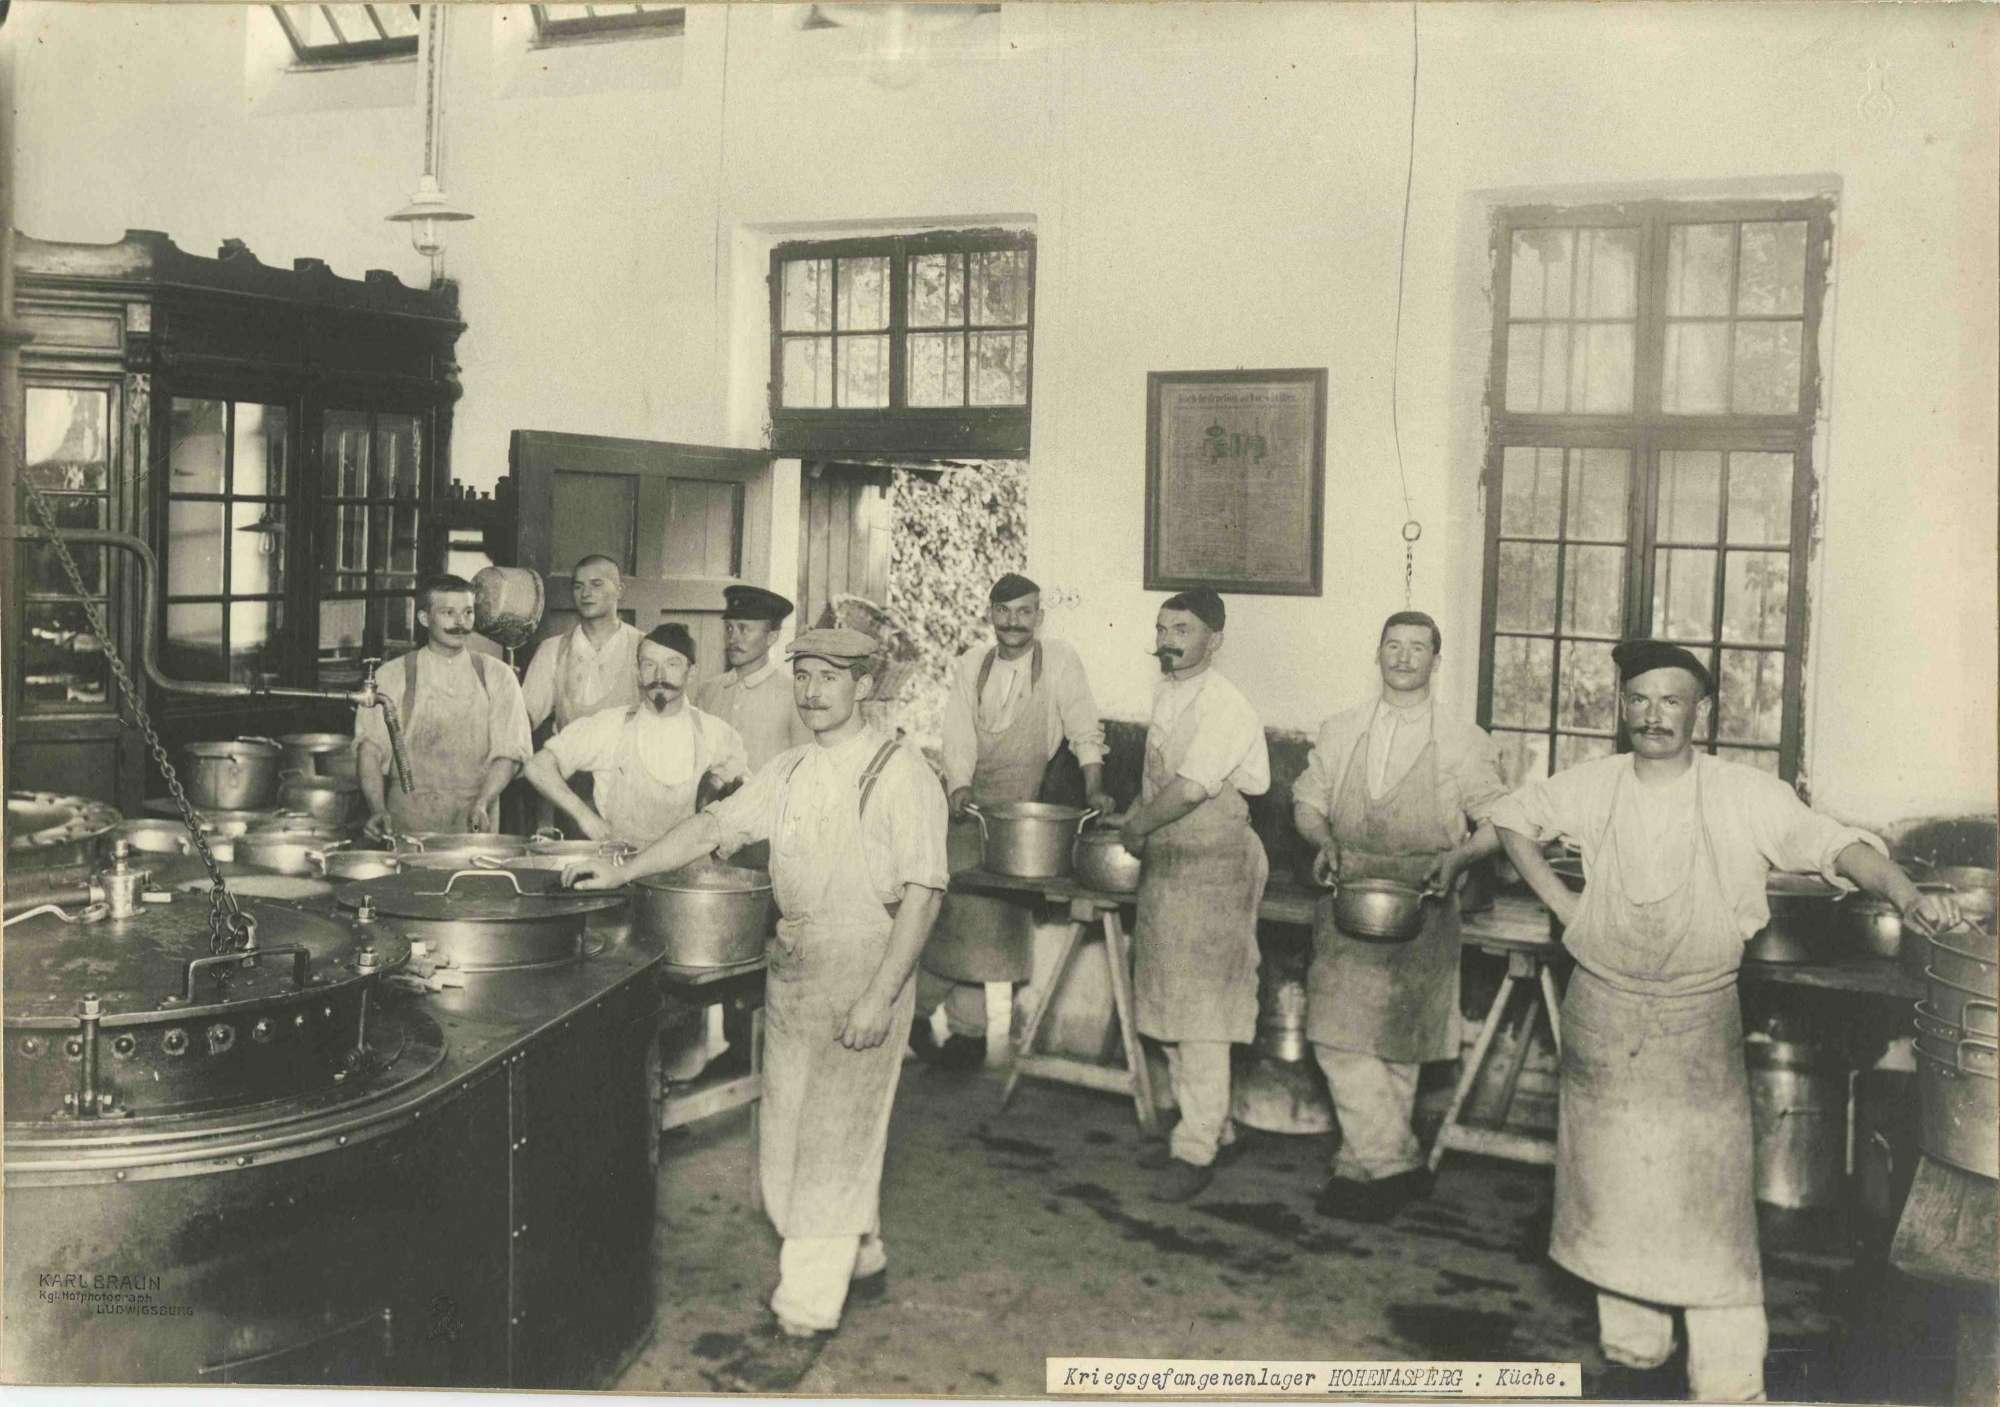 Neun Kriegsgefangene als Köche und Küchenhelfer in Küche im Kriegsgefangenenlager Hohenasperg, Bild 1